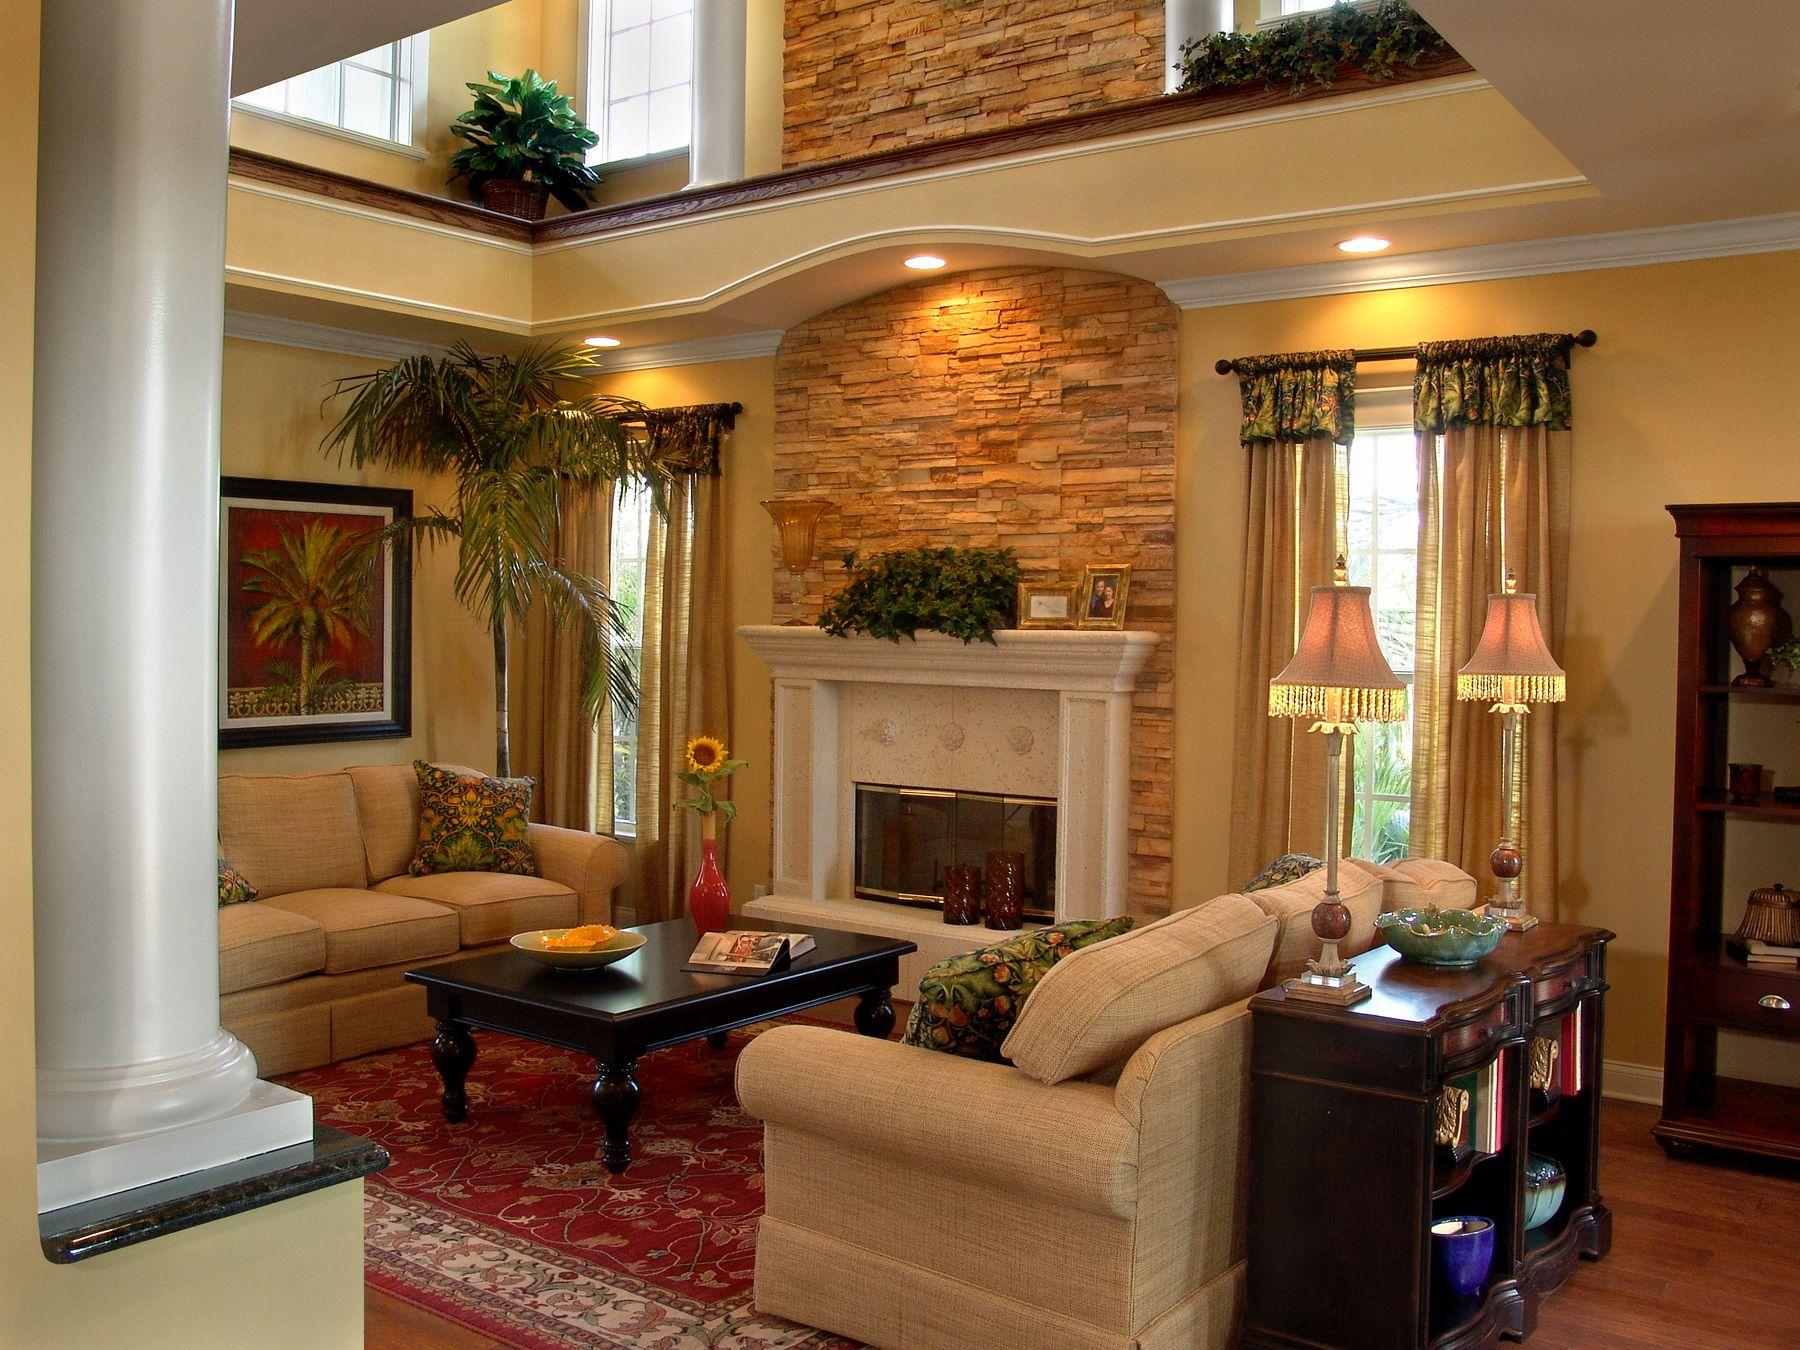 Decoracion de sala colores oto al y animal consejos for Consejos decoracion hogar